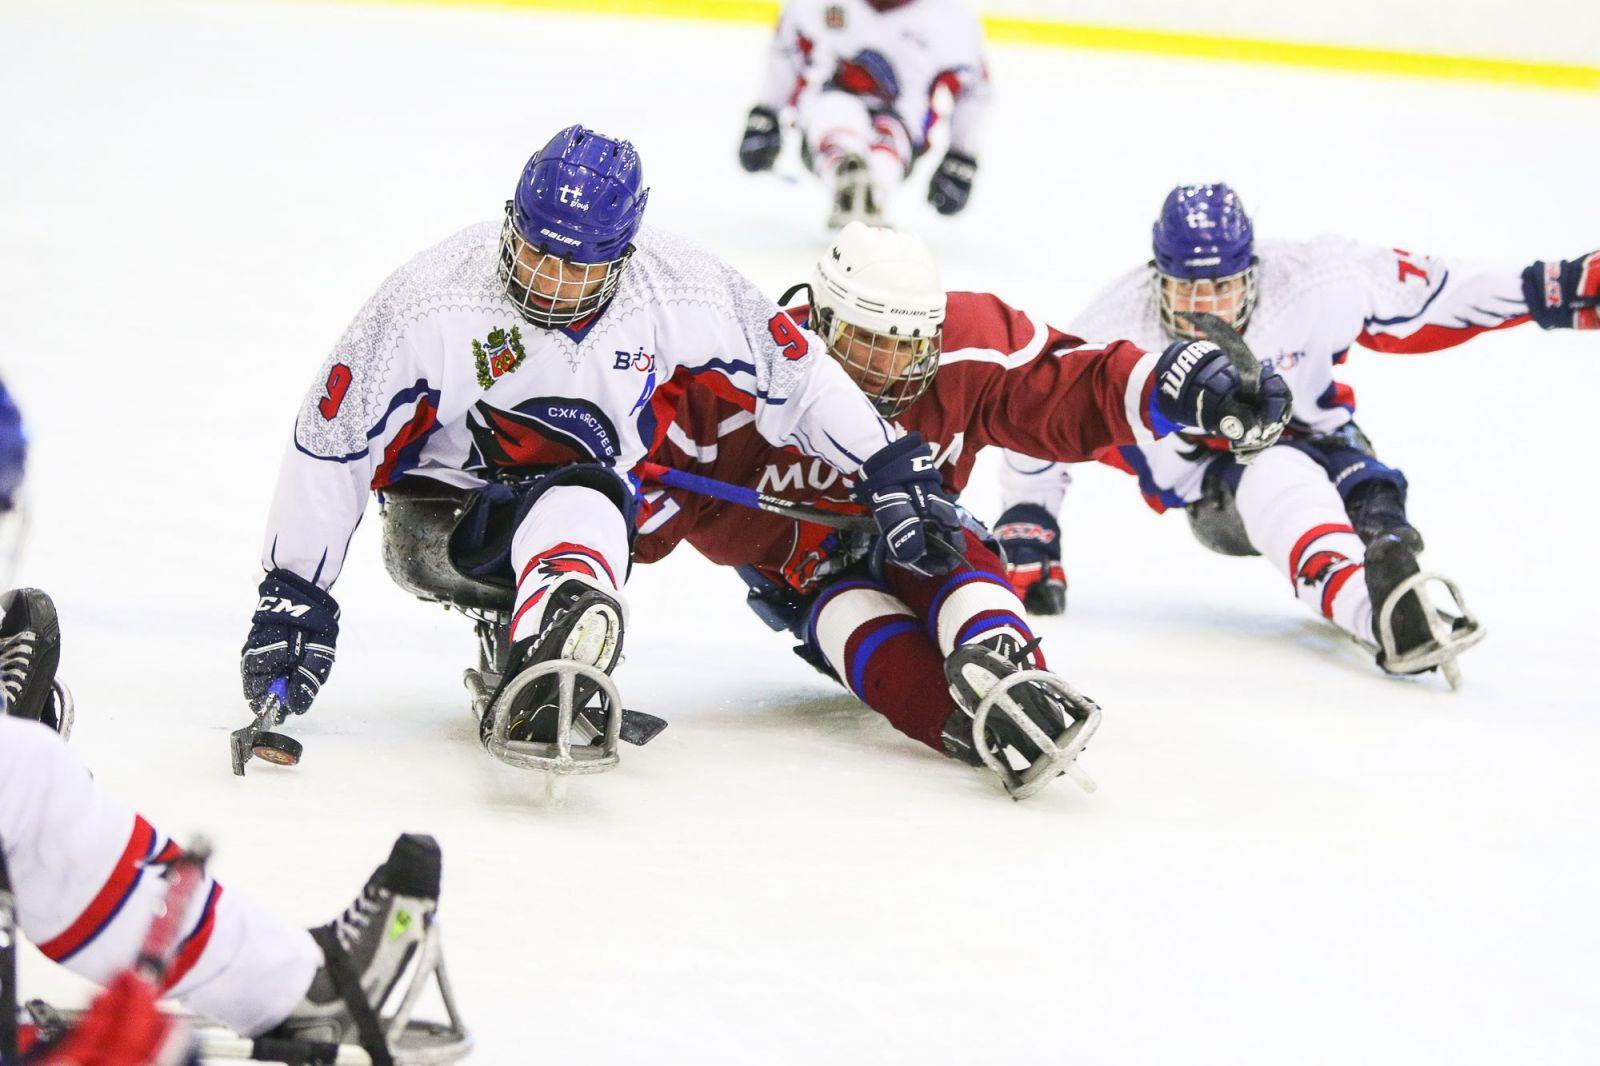 Второй круг чемпионата России по следж-хоккею стартовал 17 марта на РУТБ «Ока» в г. Алексине